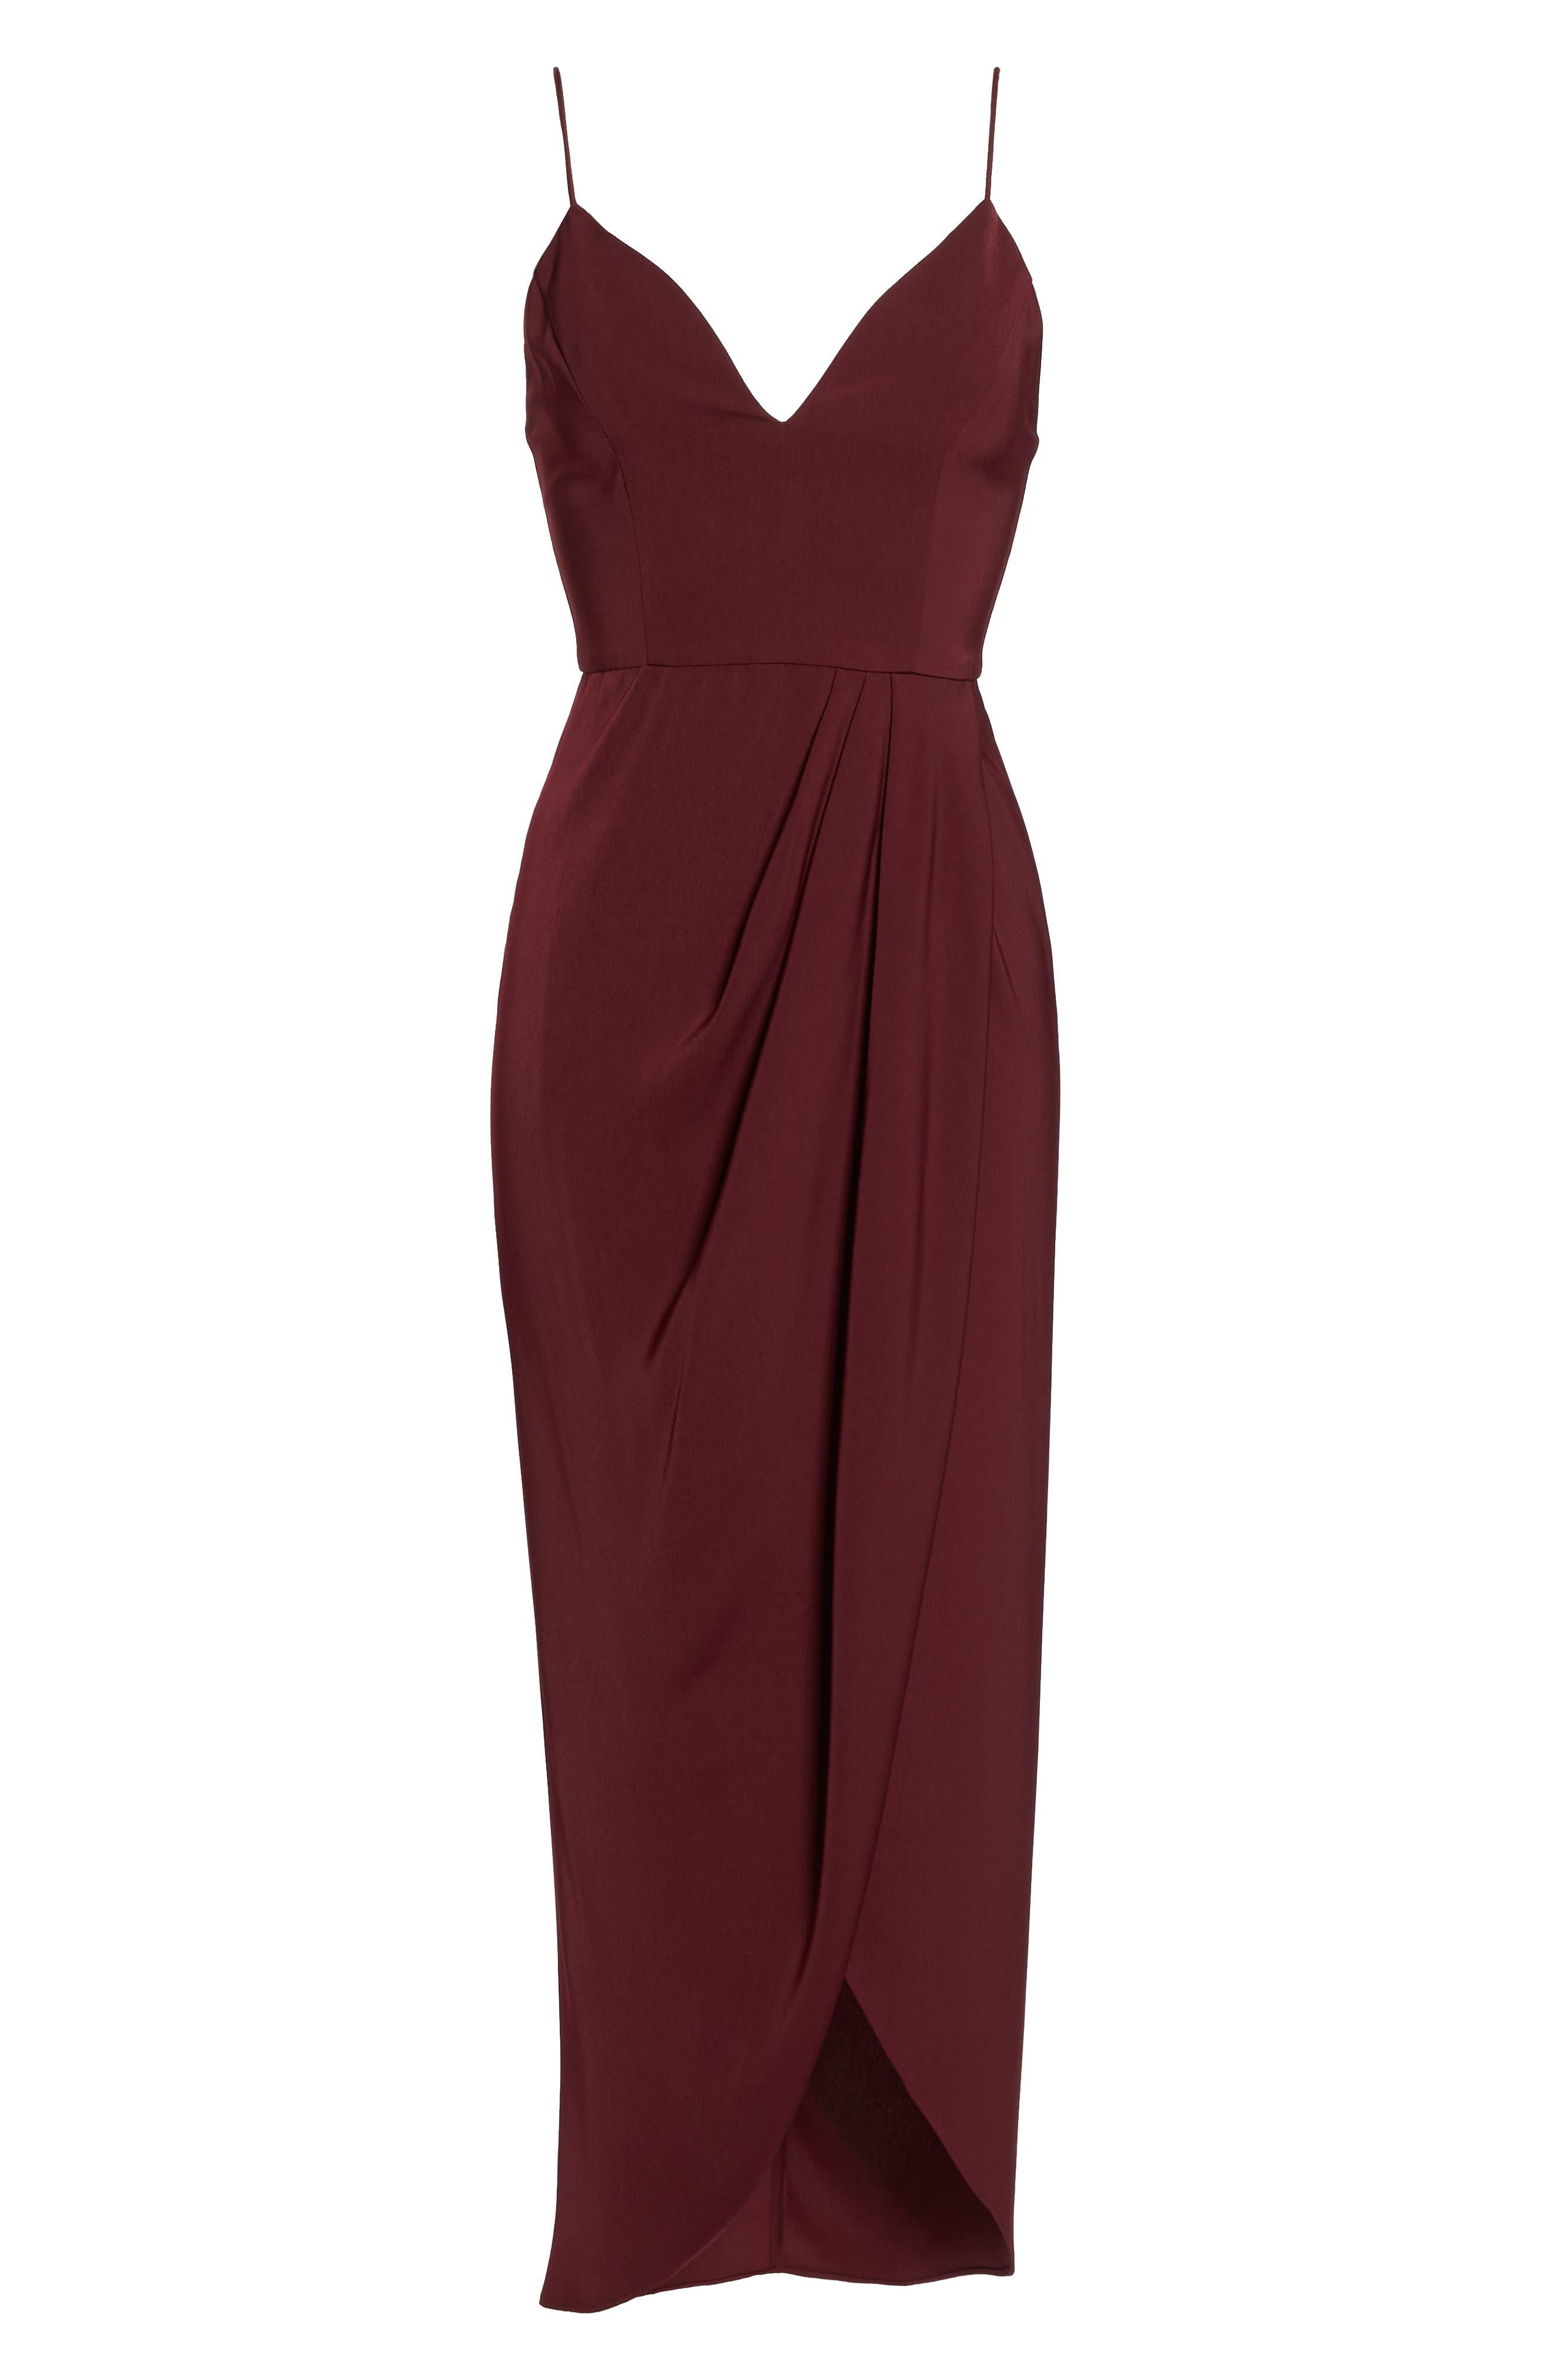 SHONA JOY,                             Tulip Hem Maxi Dress,                             Alternate thumbnail 7, color,                             BURGUNDY